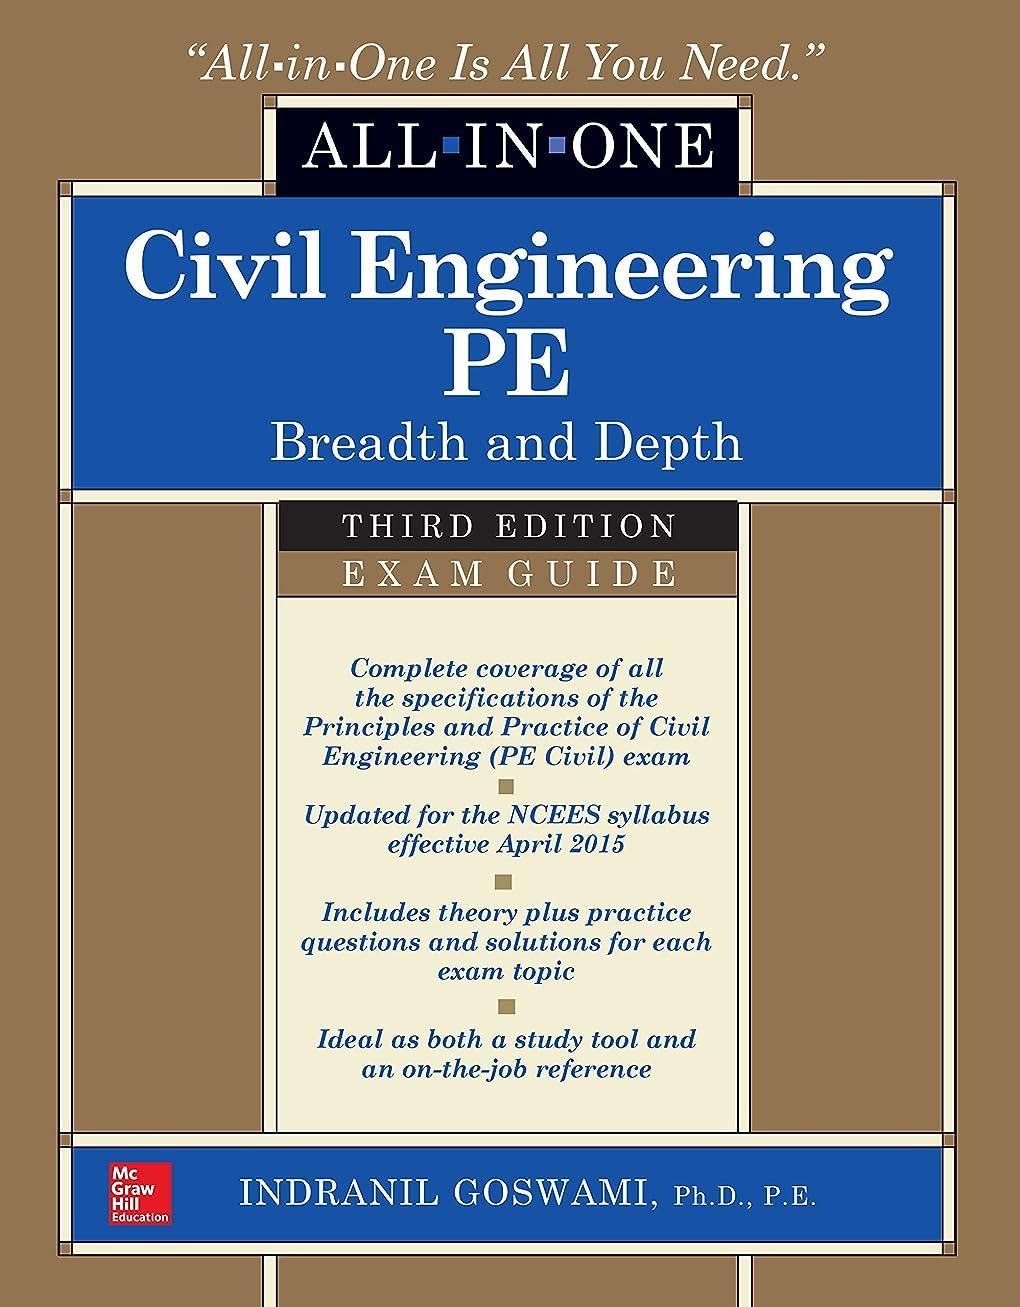 じゃない抹消虎Civil Engineering All-In-One PE Exam Guide: Breadth and Depth, Third Edition (English Edition)